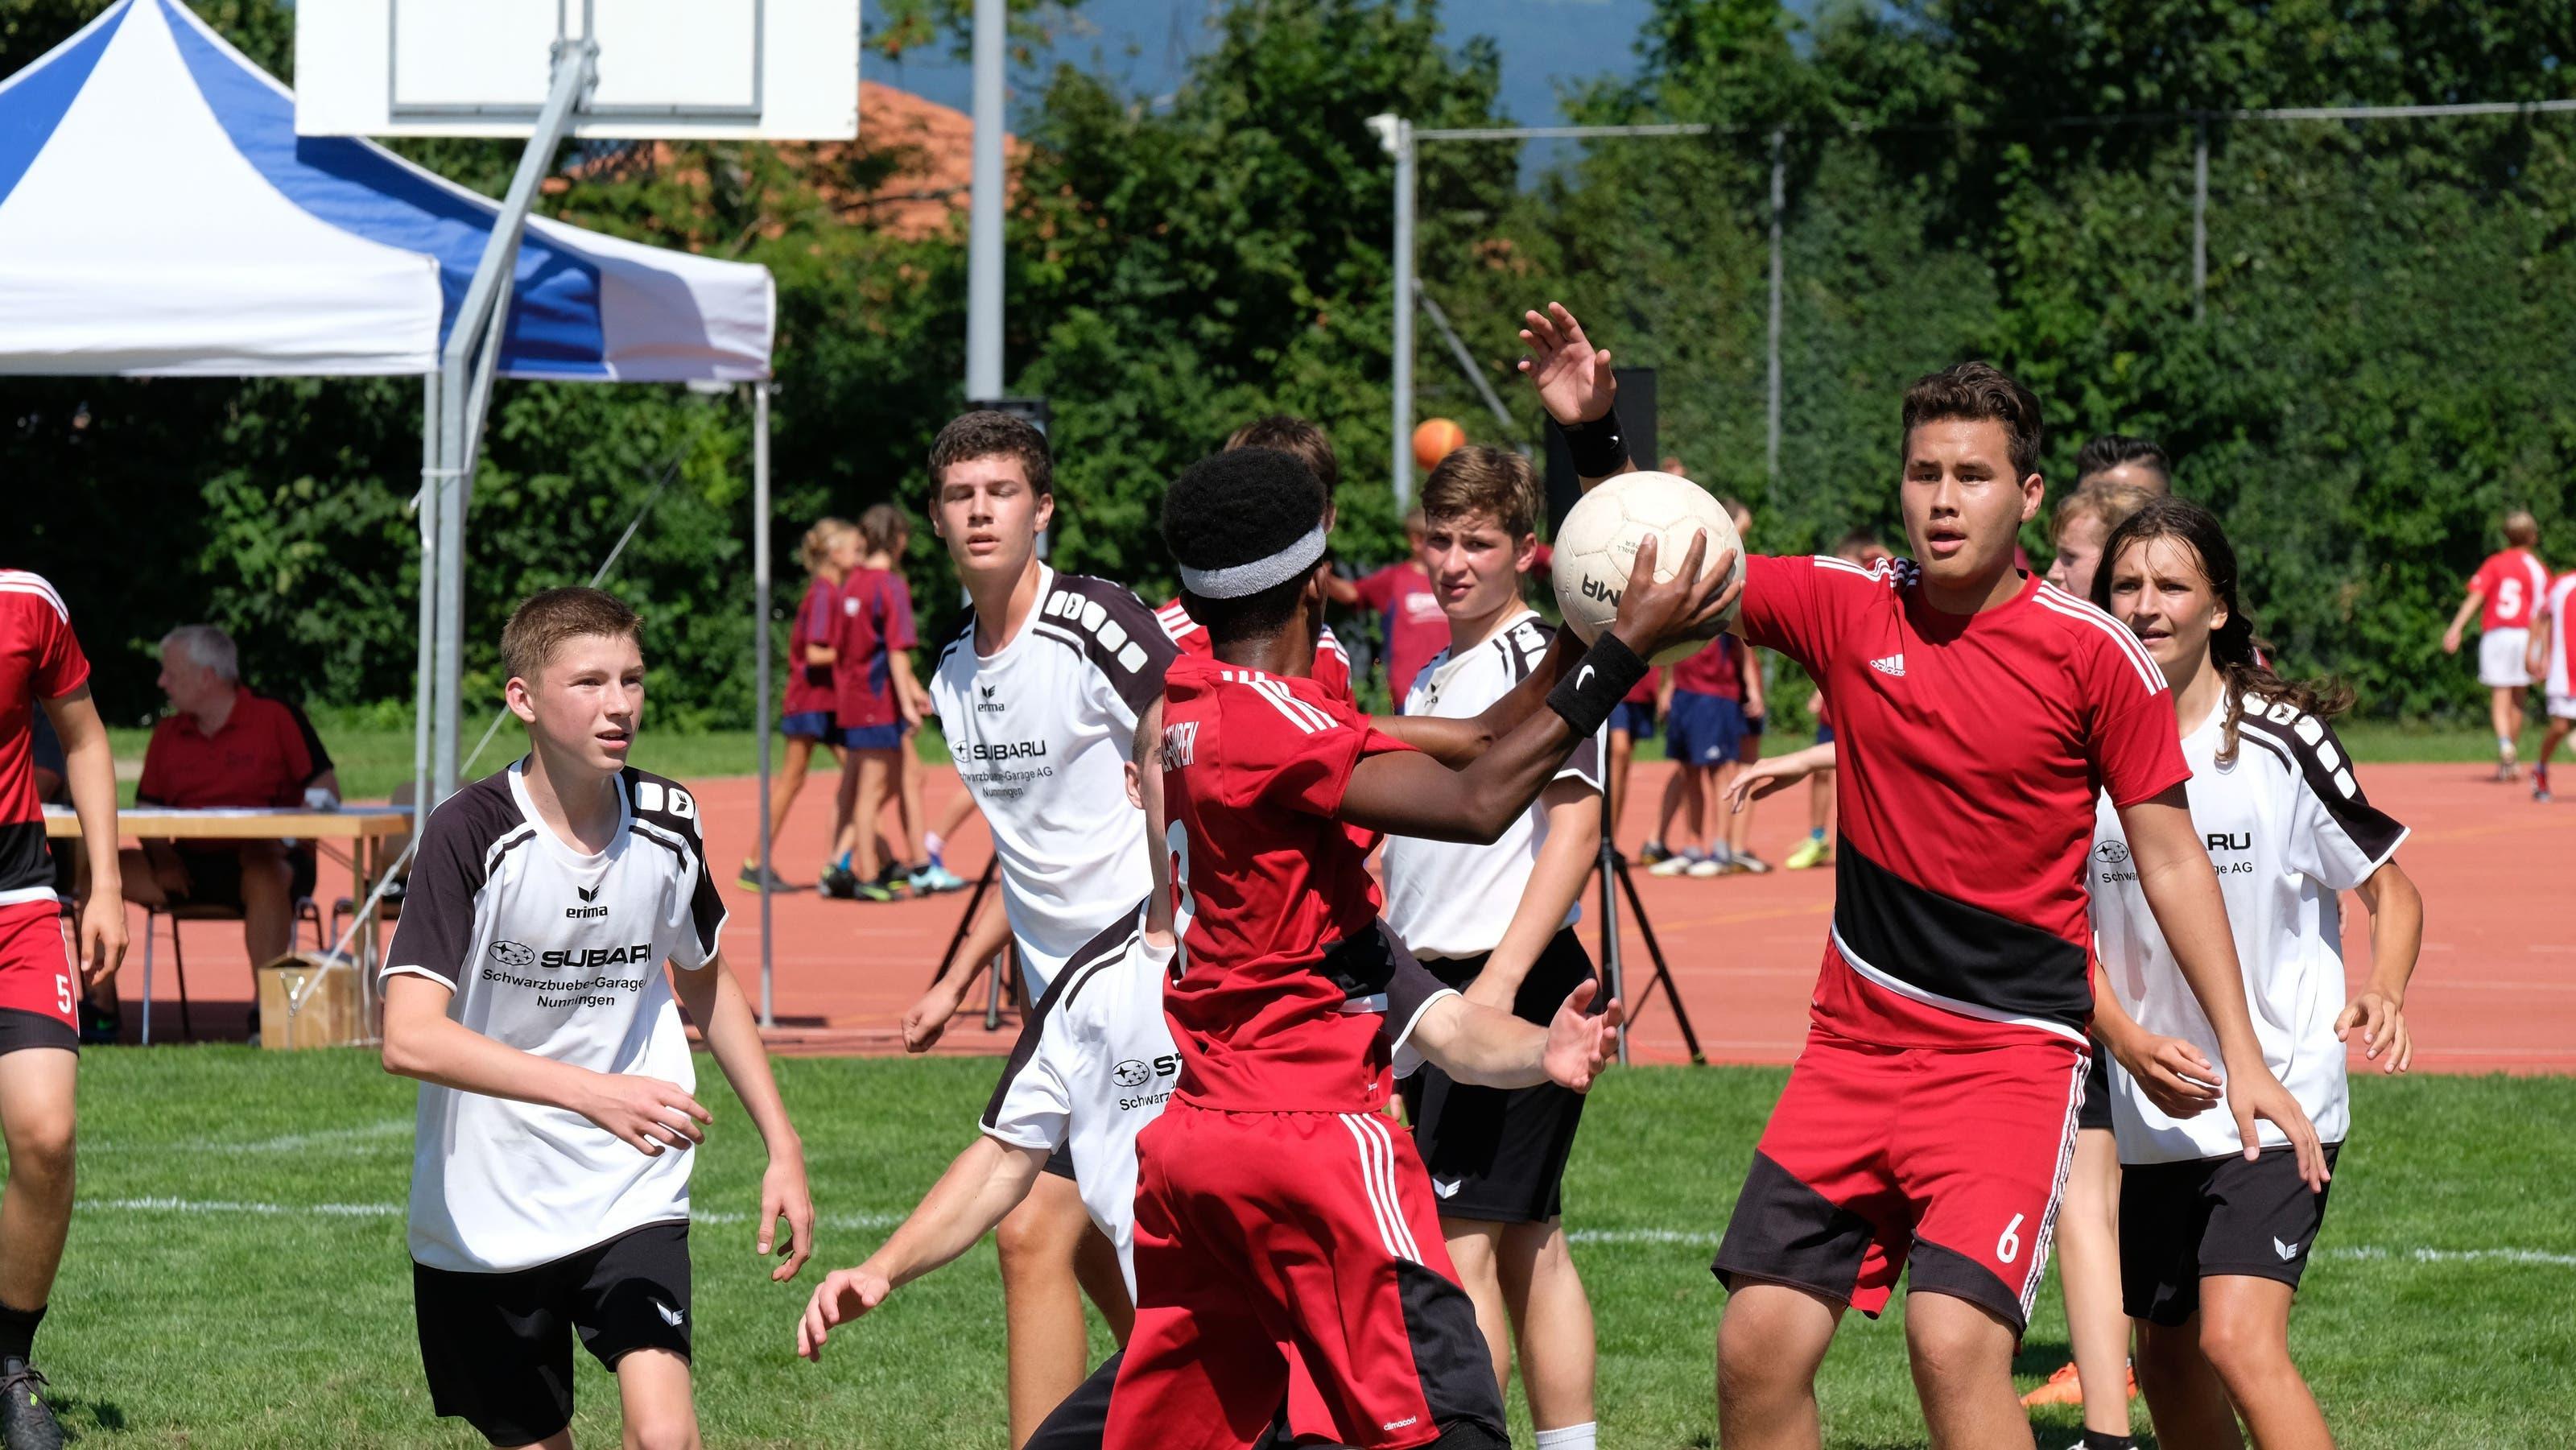 U16: Die Jugi Hochwald-Gempen (rot) im Spiel gegen die Jugi Nunningen 1 (weiss)